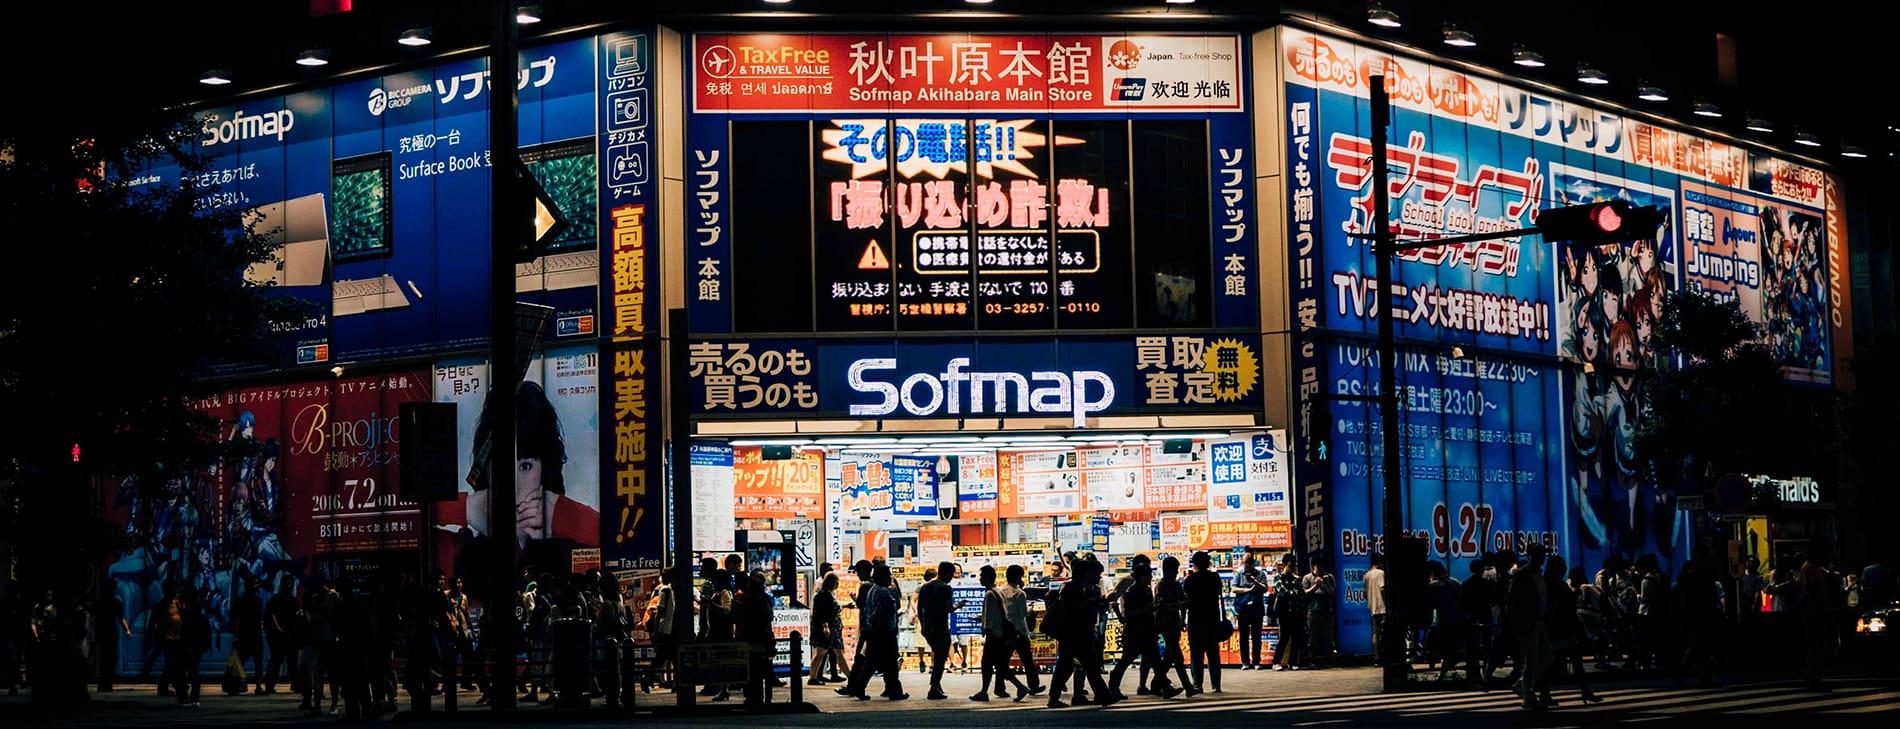 В Японии в скором времени может появиться налог на туризм